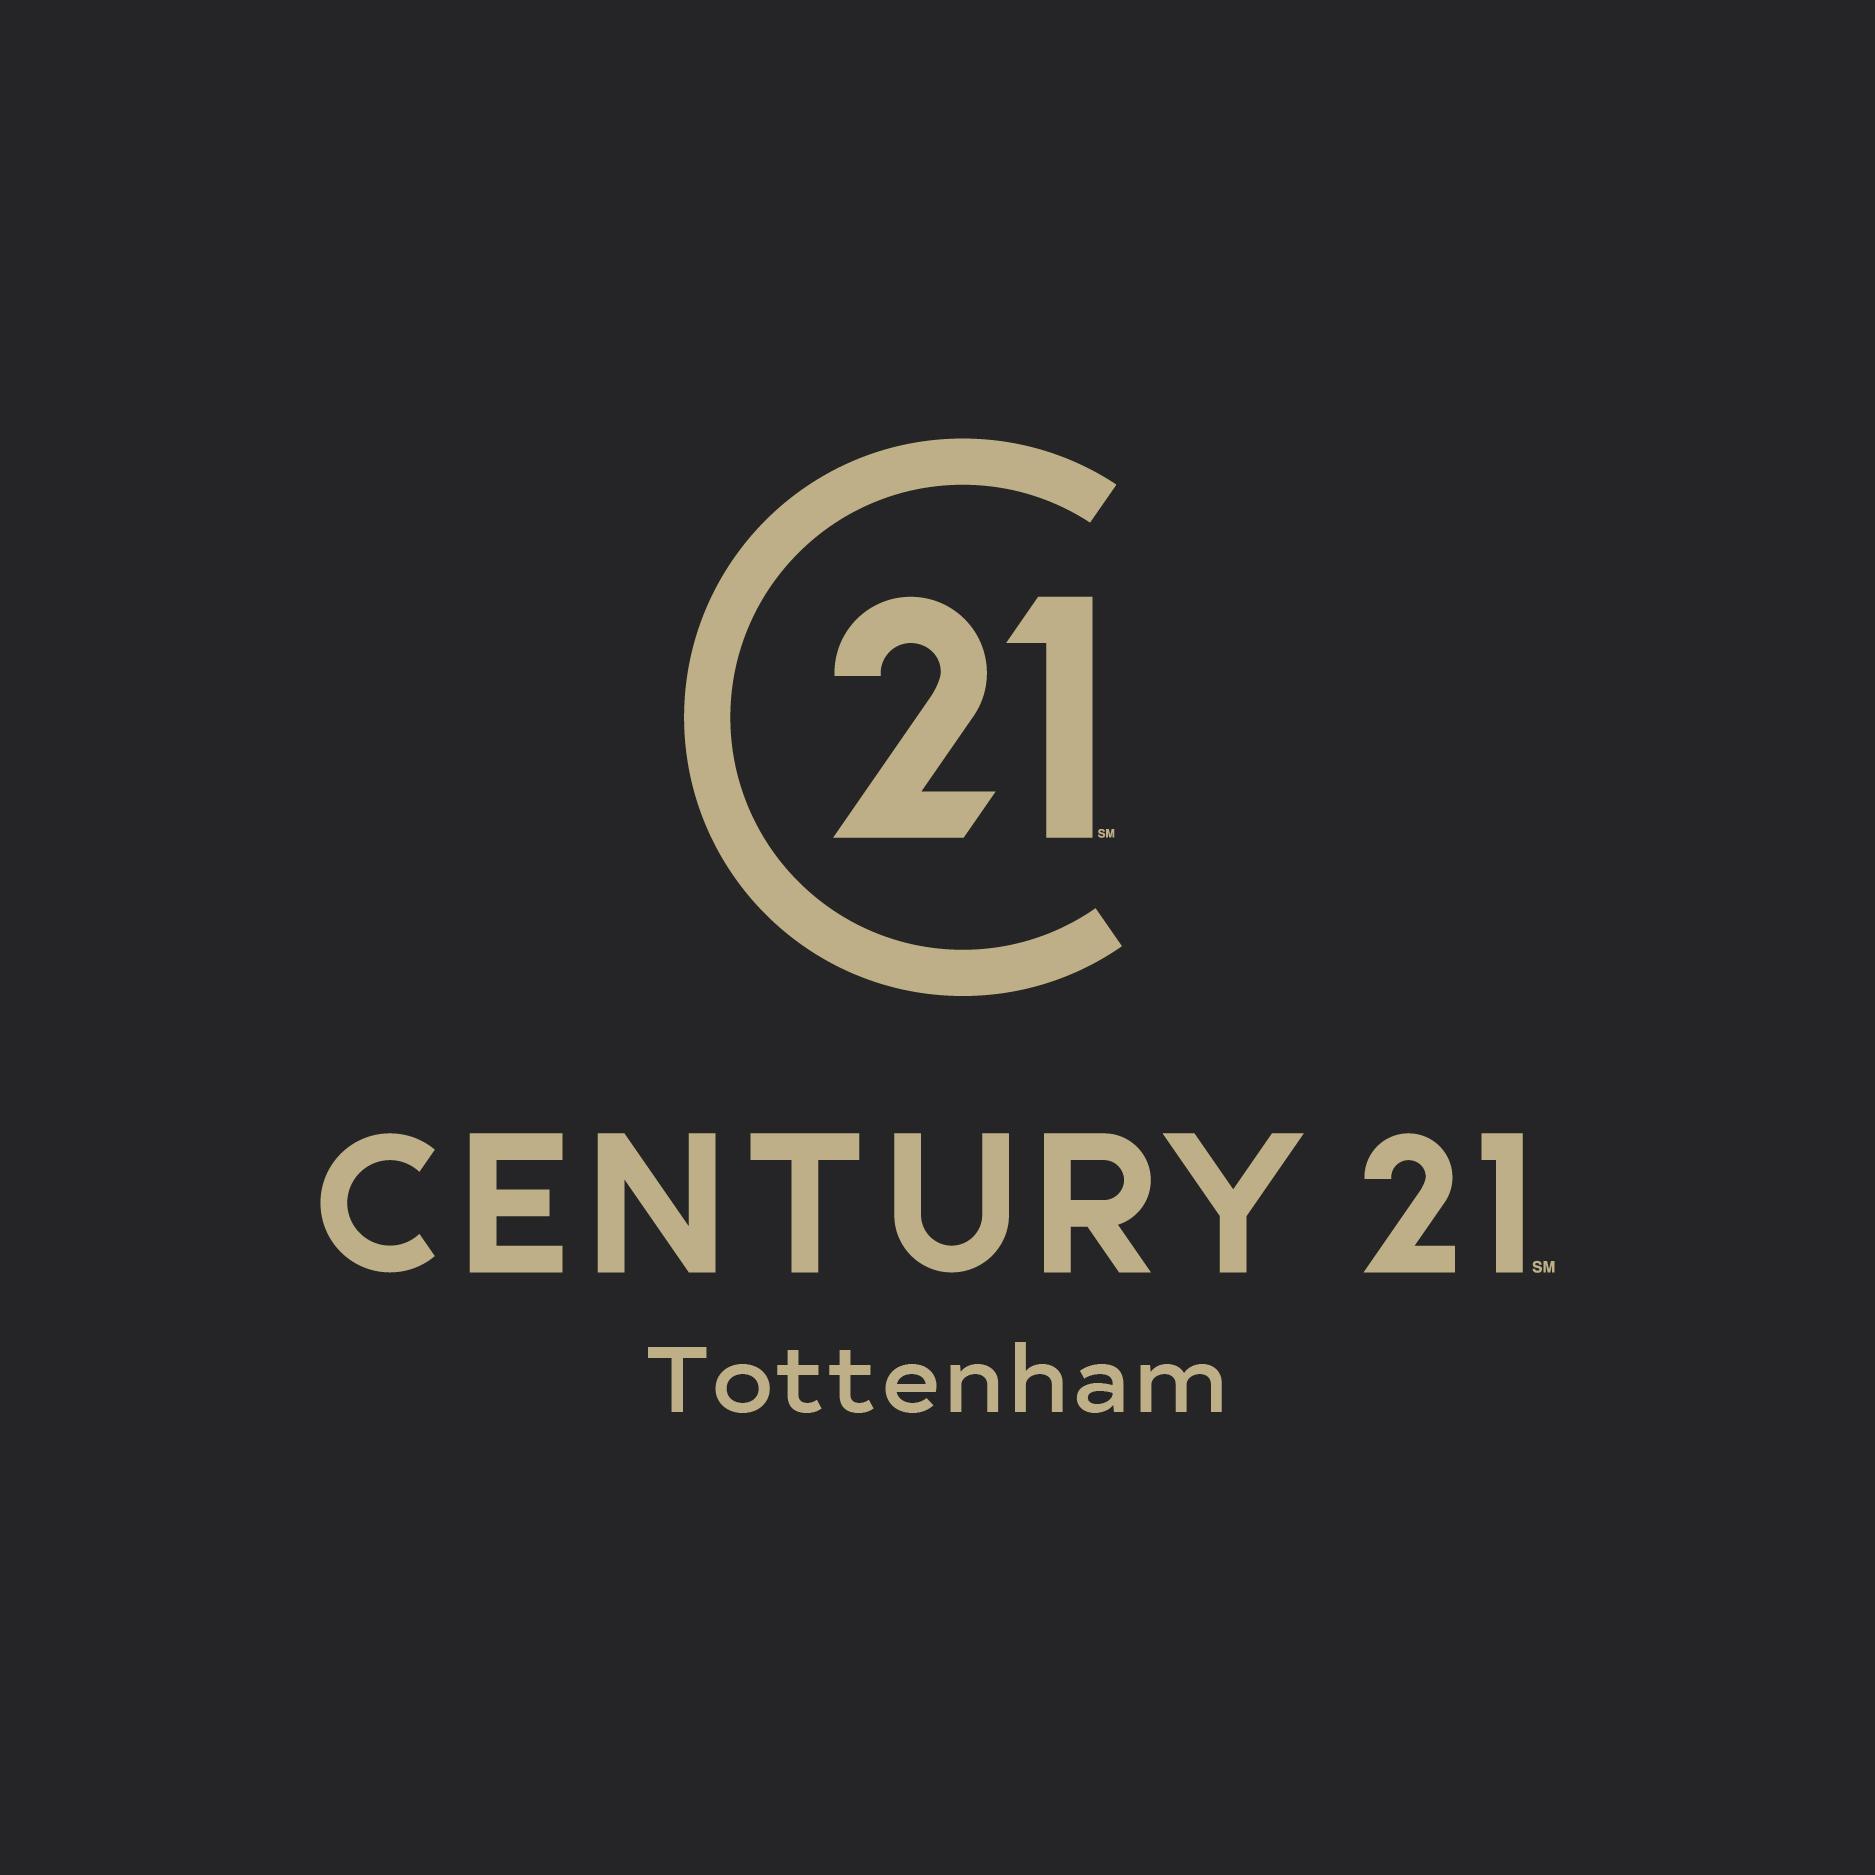 Century 21 - Tottenham